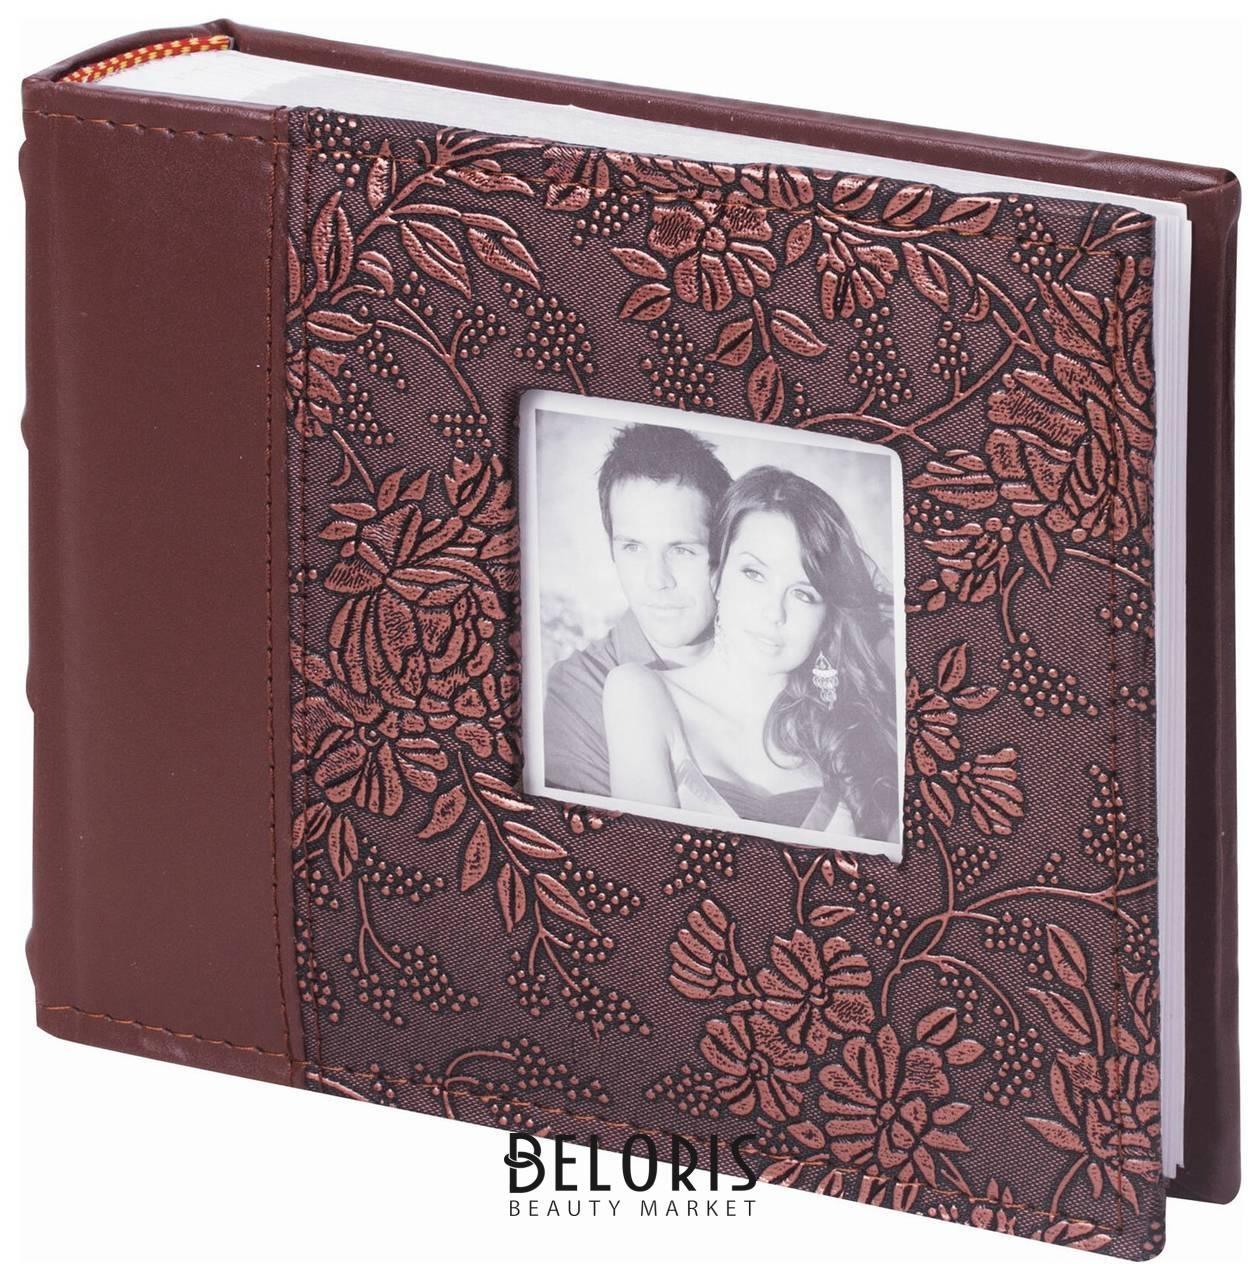 Фотоальбом Brauberg на 100 фотографий 10х15 см, обложка под кожу, бумажные страницы, бокс, коричневый Brauberg